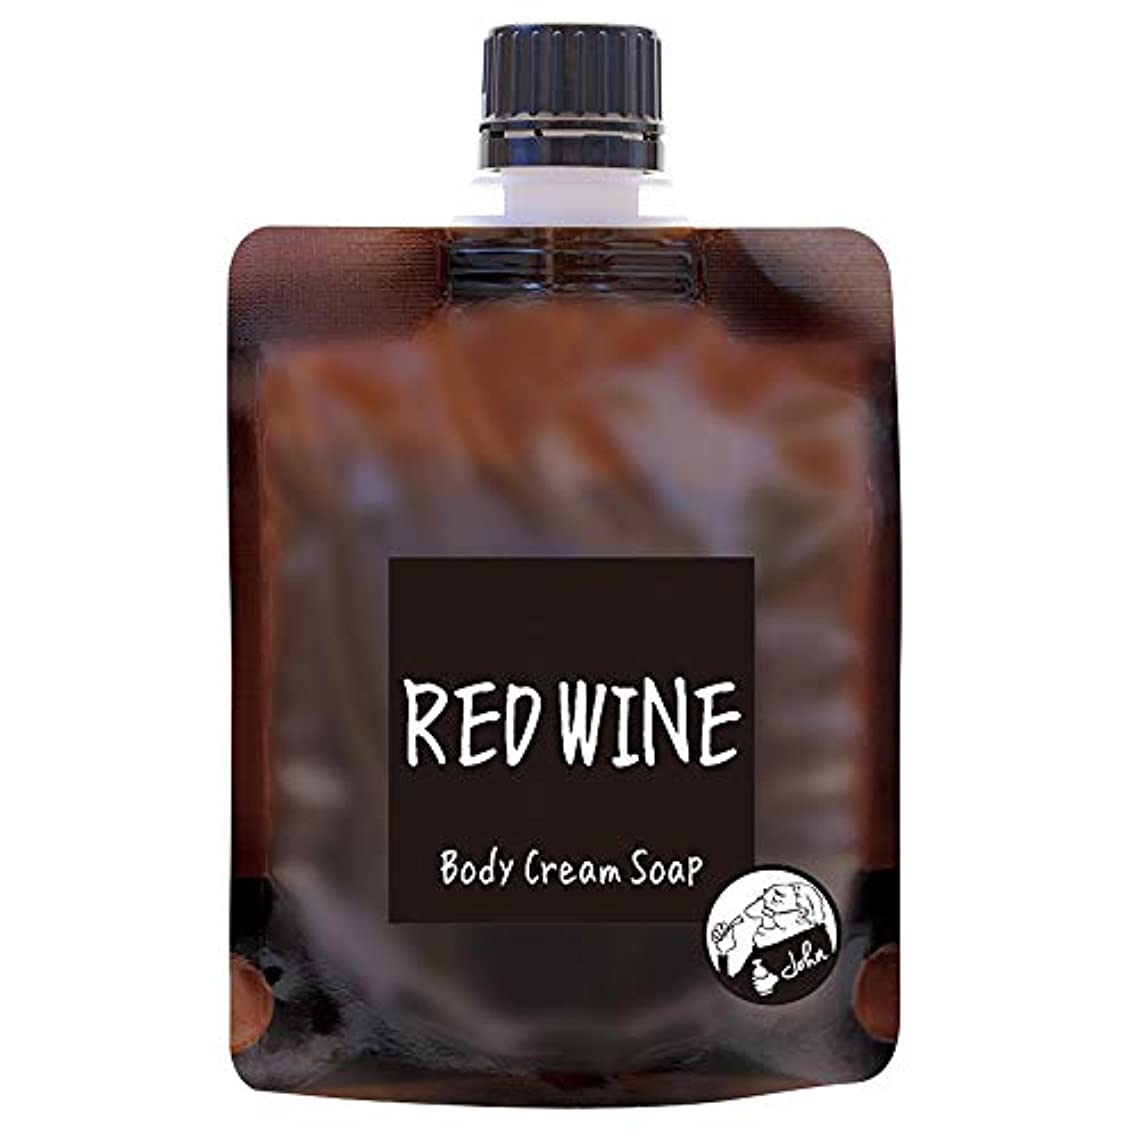 狂信者以下織機ノルコーポレーション John's Blend ボディクリームソープ 保湿成分配合 OA-JON-19-5 ボディソープ レッドワインの香り 100g